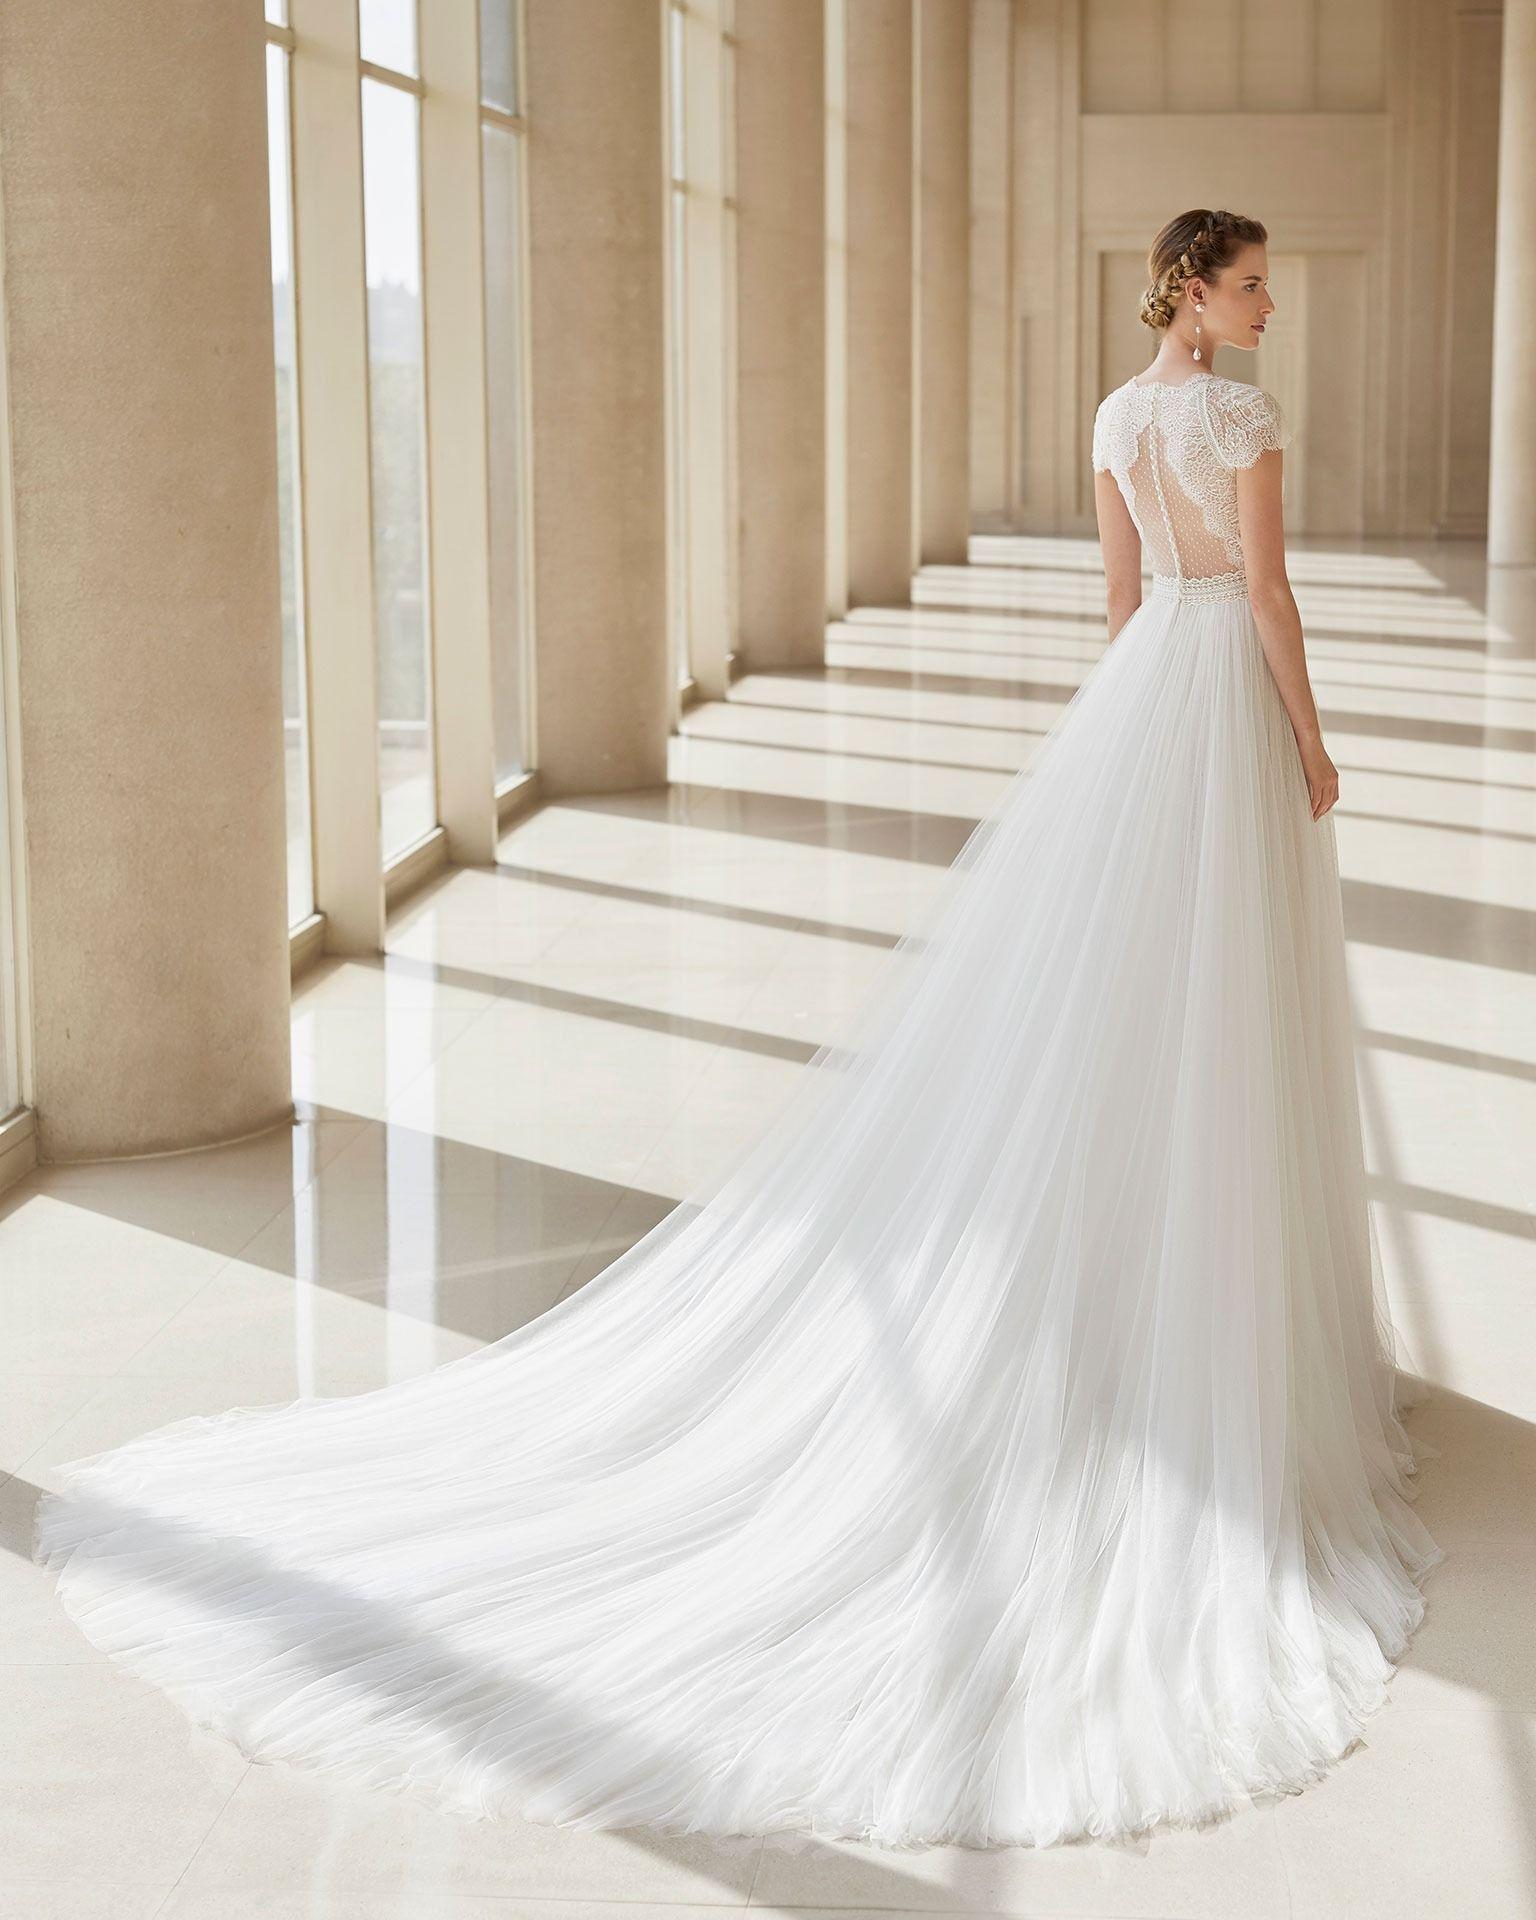 44++ Plum mermaid wedding dresses ideas